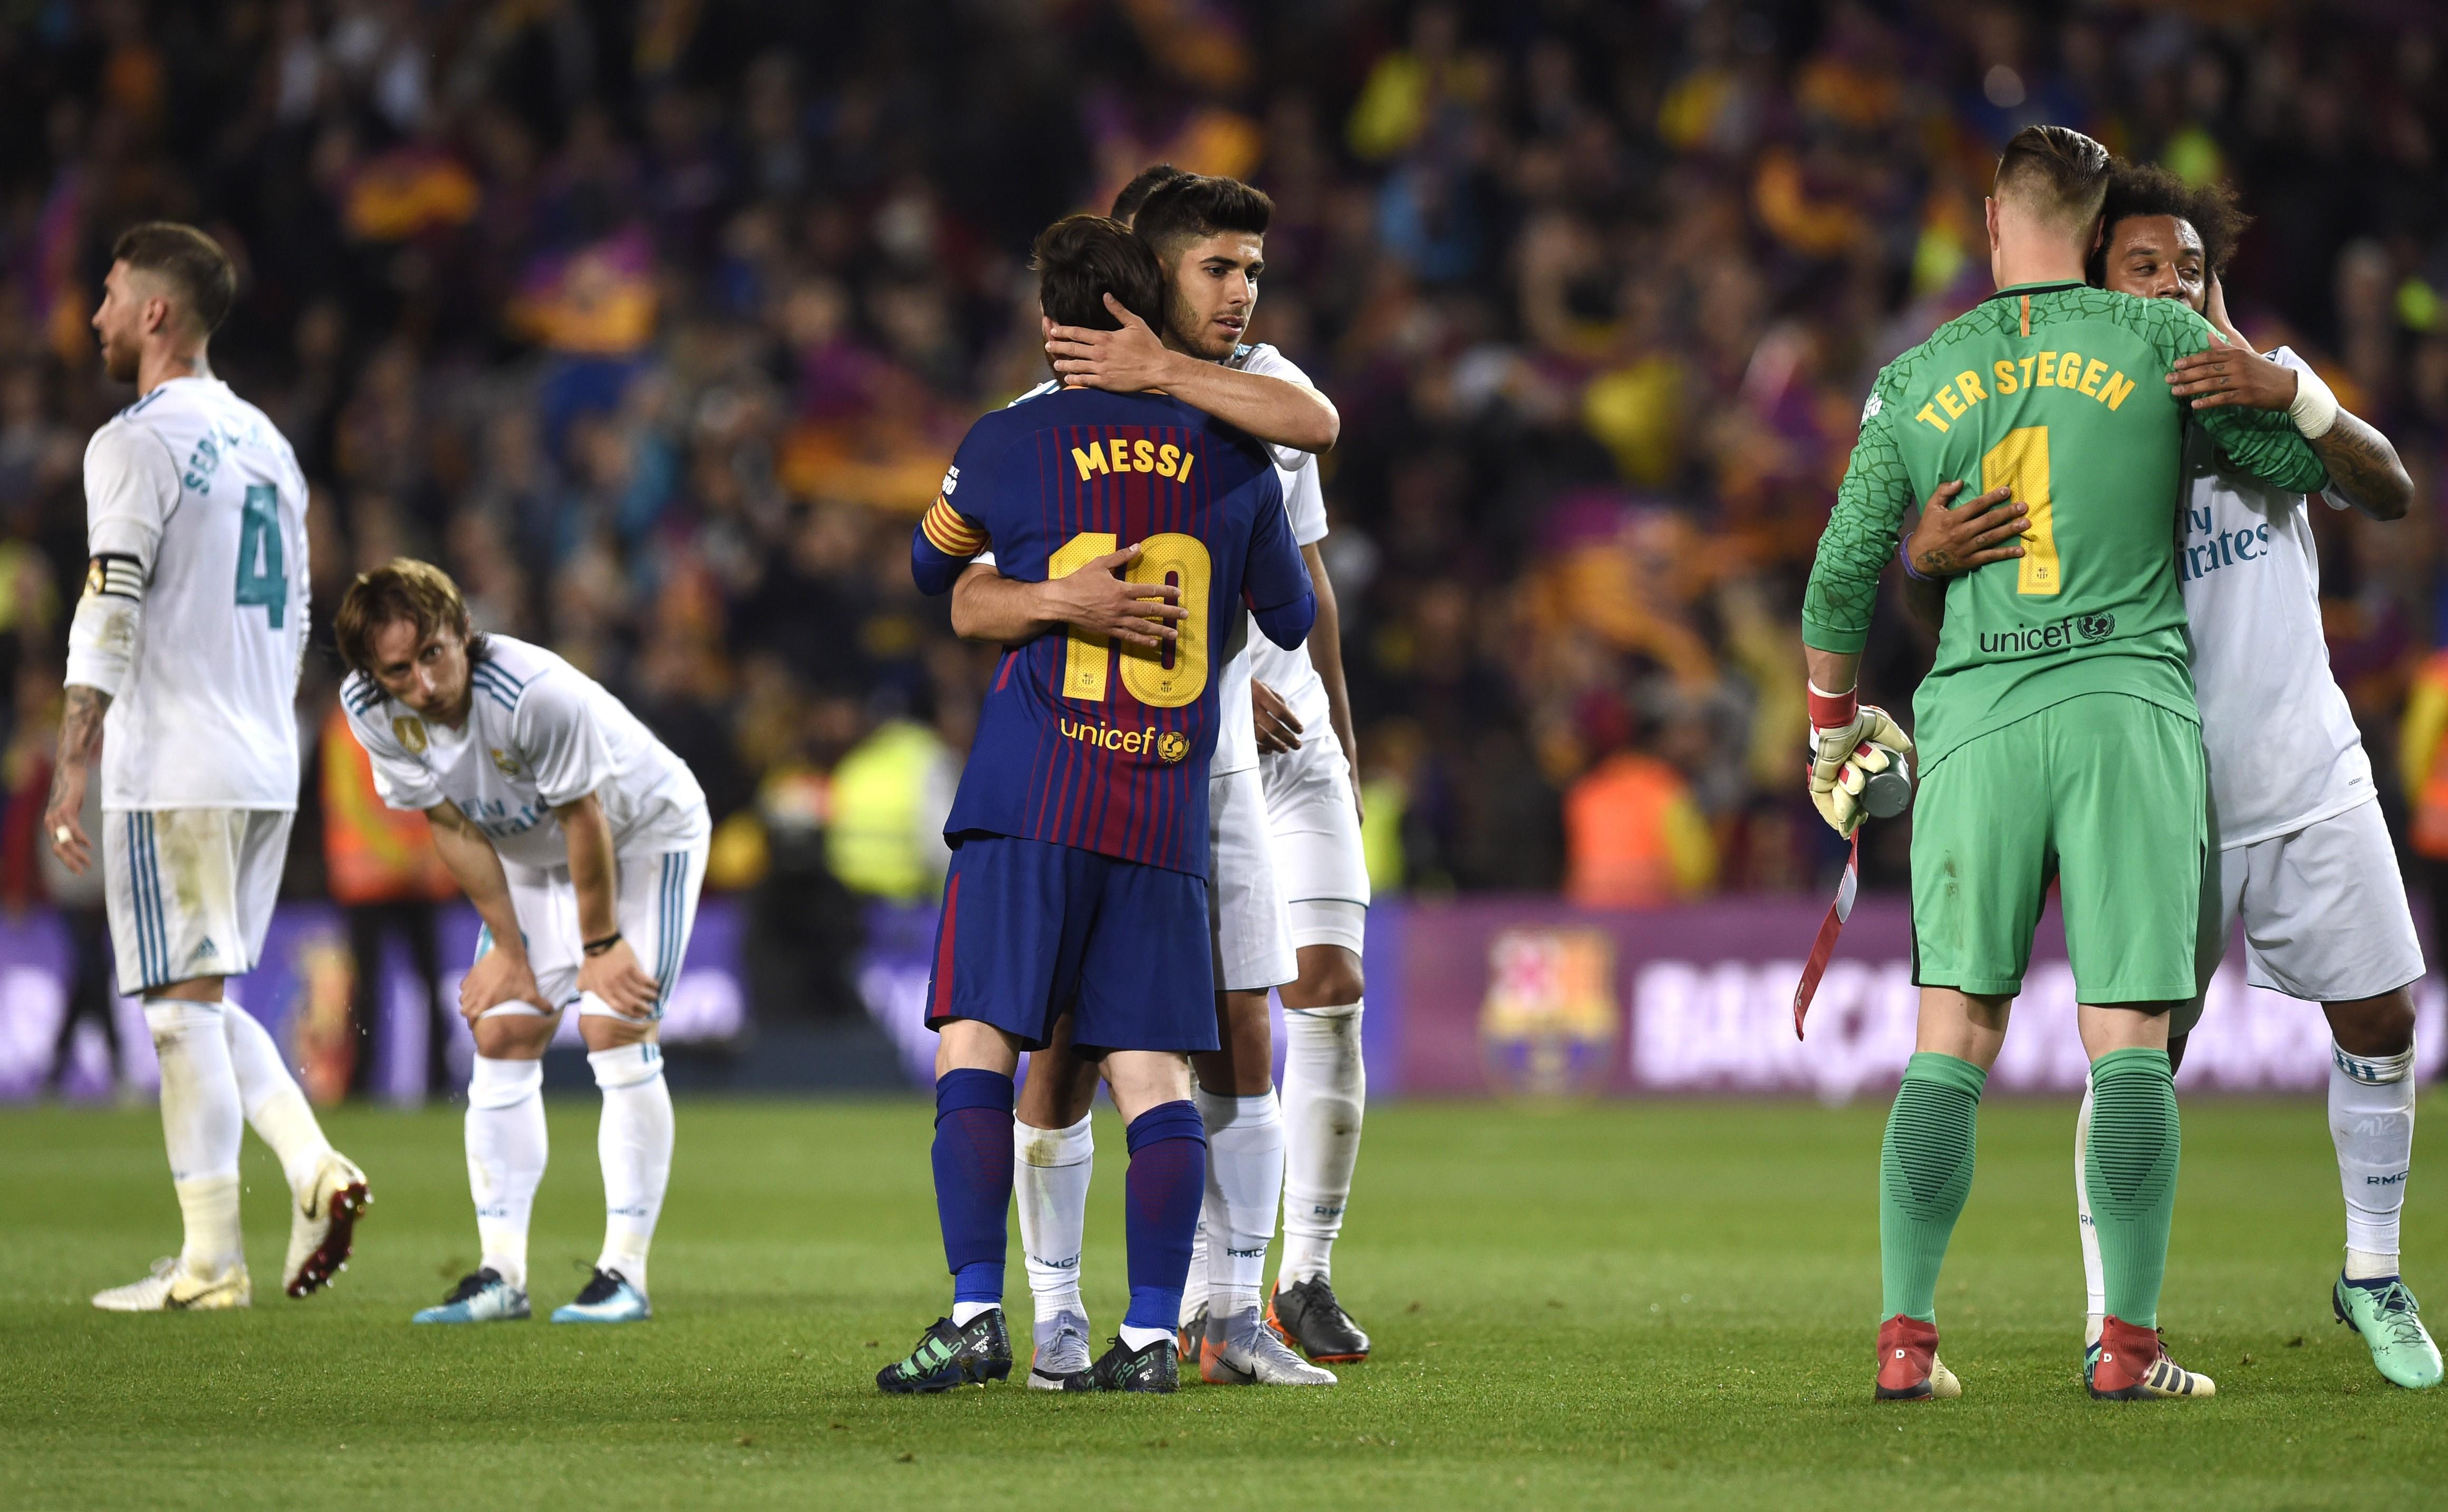 Les joueurs du Barça et du Real se félicitent